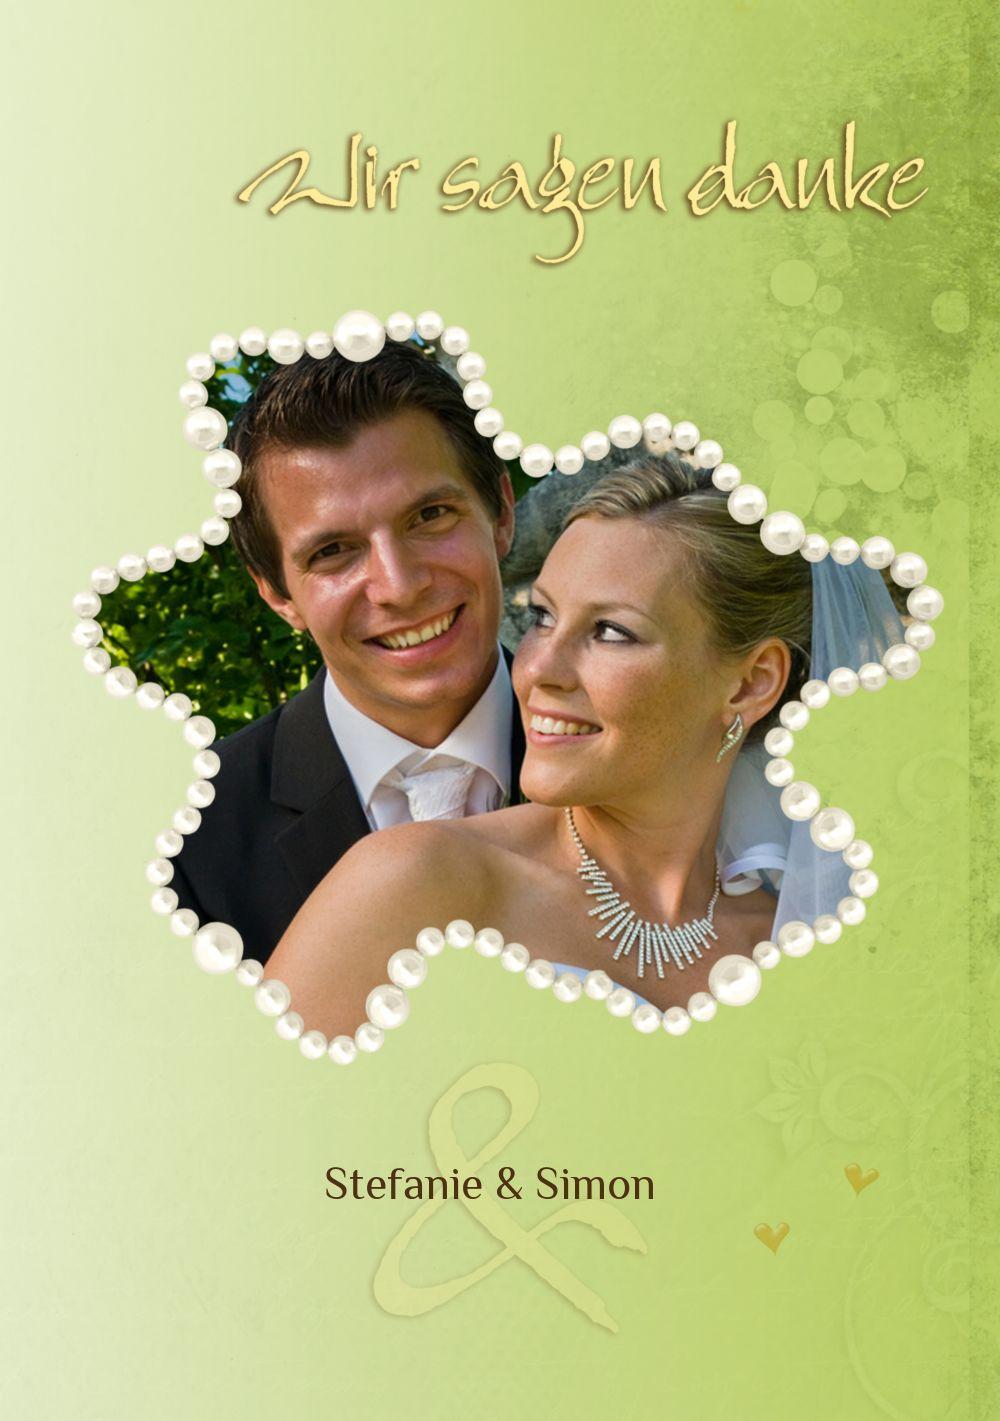 Ansicht 5 - Hochzeit Danke Eheringe Perlen